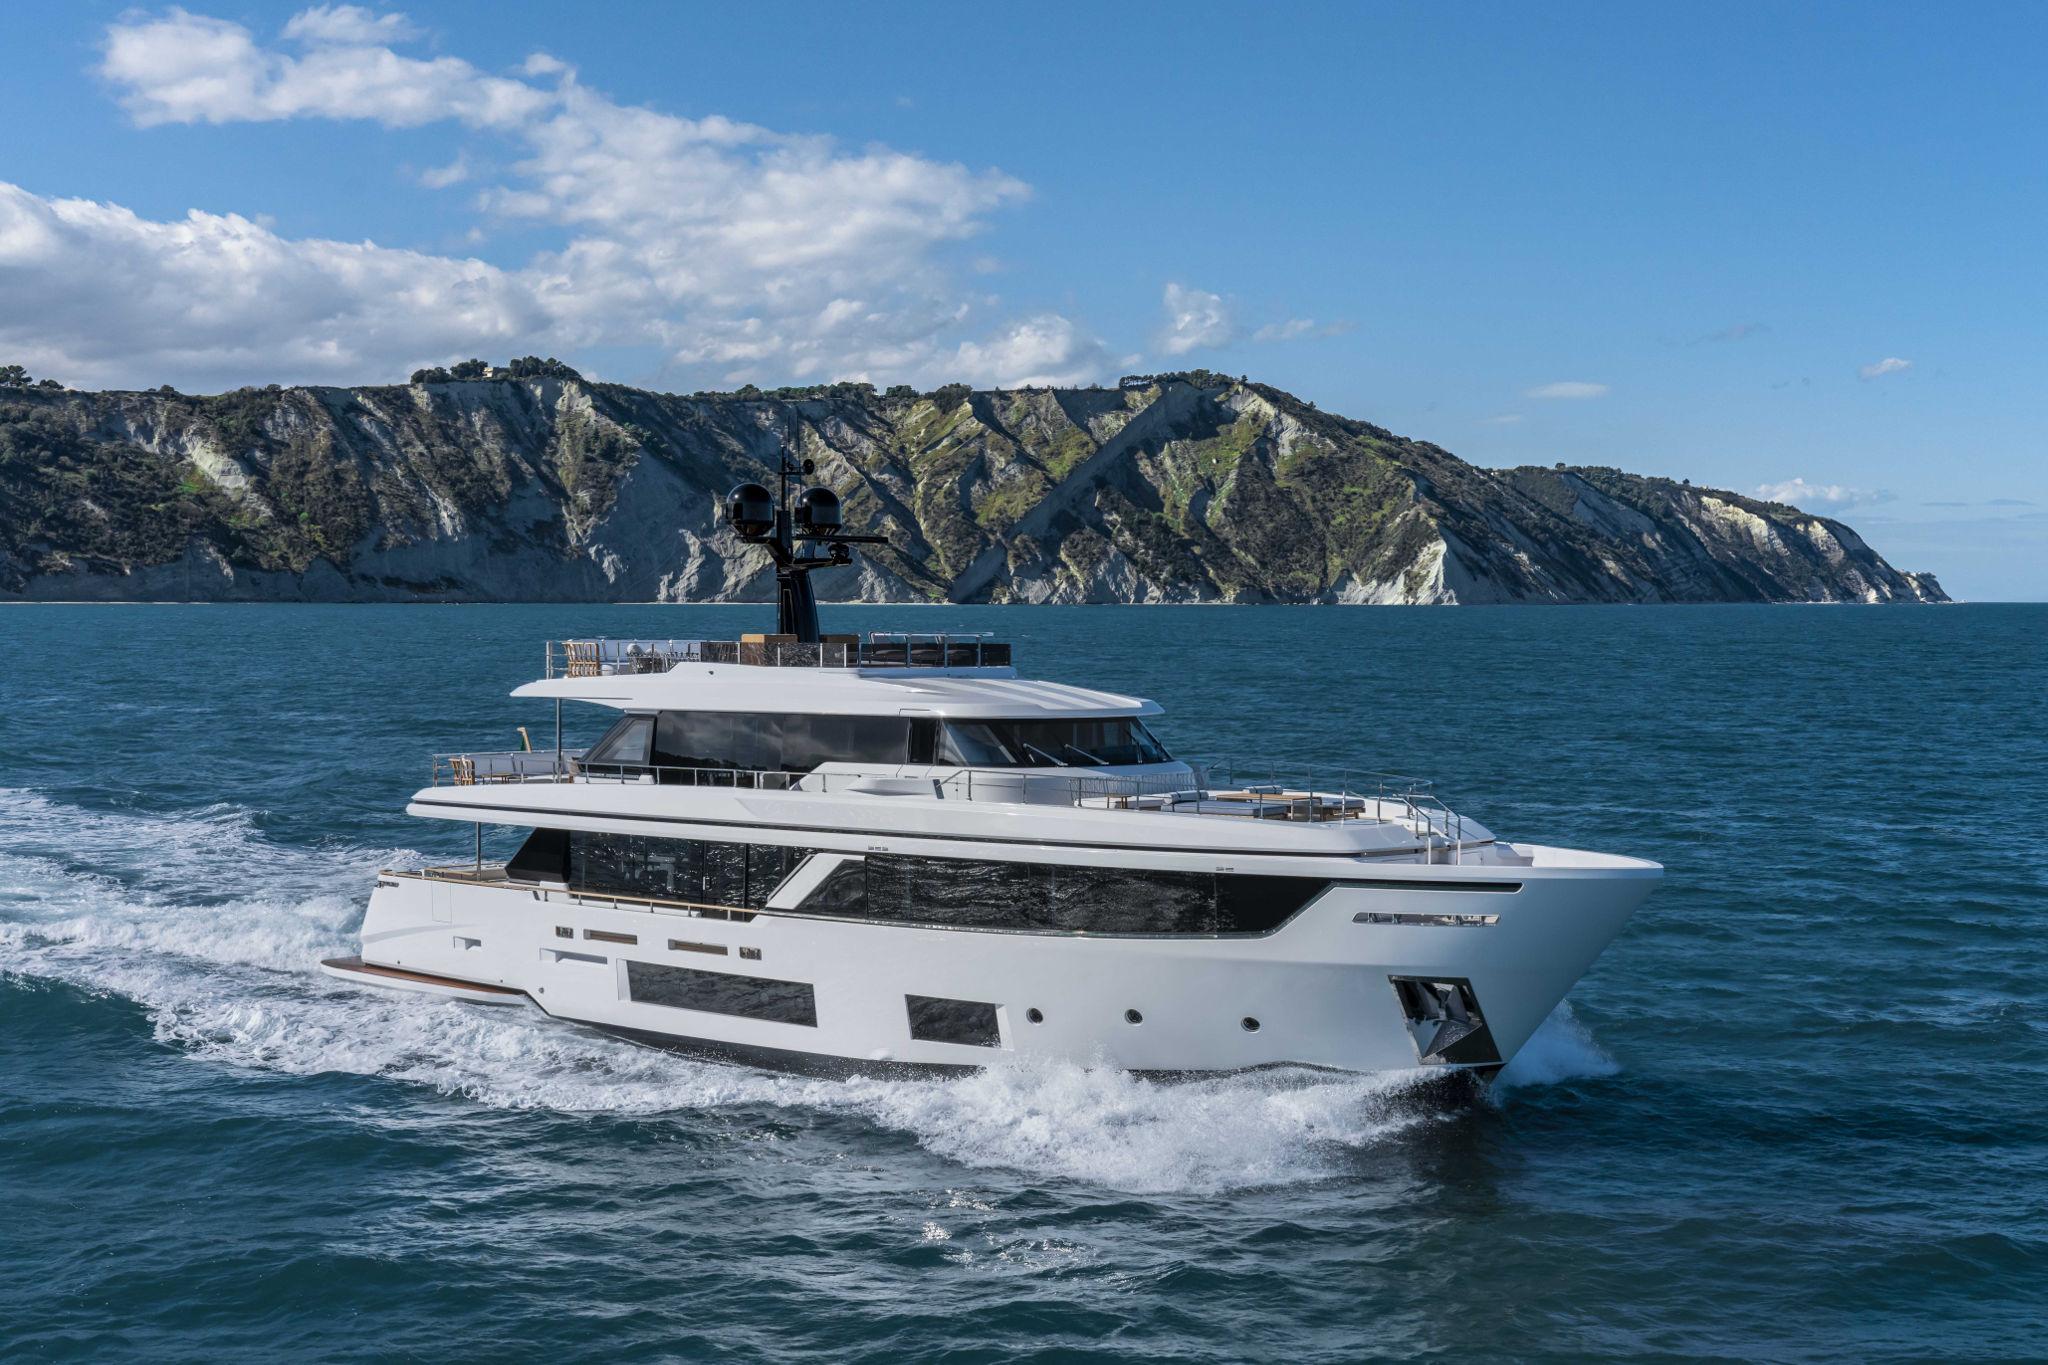 Яхта Custom Line Navetta 30 #1 New - В Италии